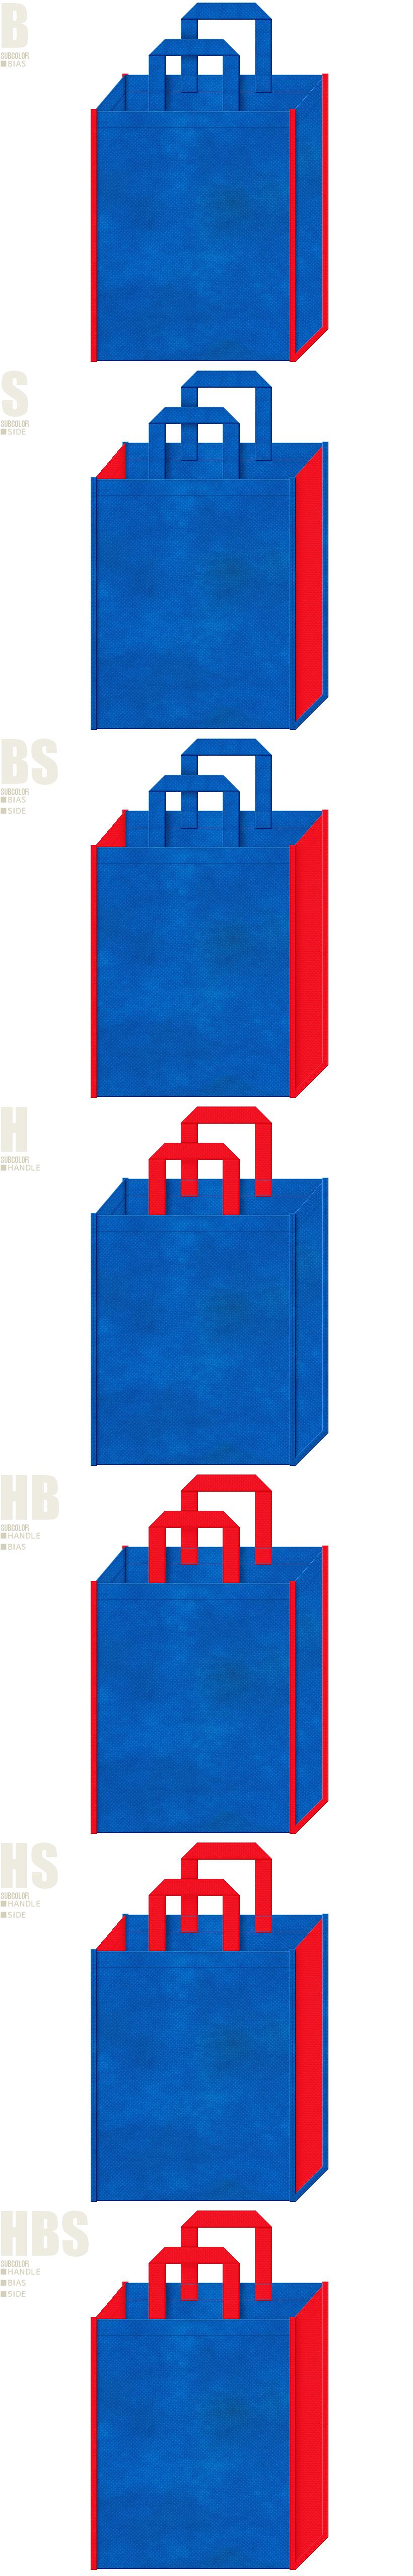 不織布トートバッグのデザイン例-不織布メインカラーNo.22+サブカラーNo.6の2色7パターン